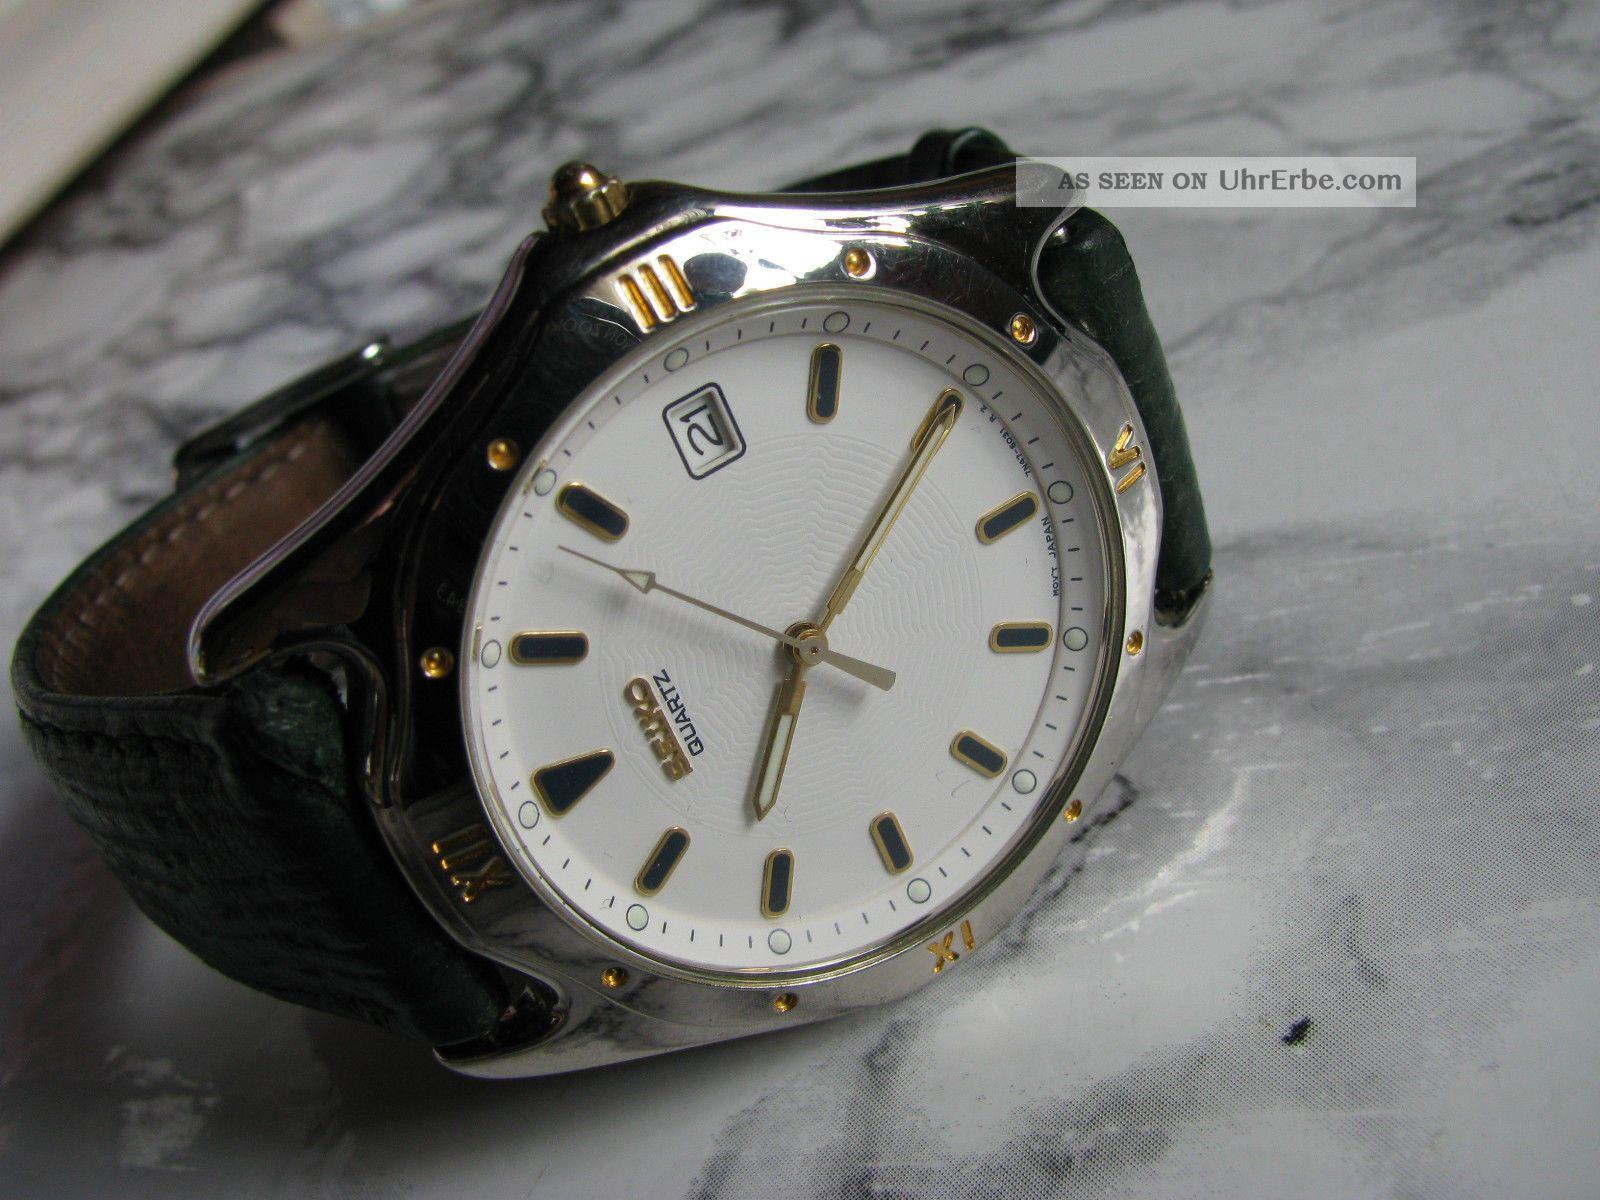 Seiko 7n47 Herren - Armbanduhr Mit Datumsanzeige Und Quarzwerk Armbanduhren Bild